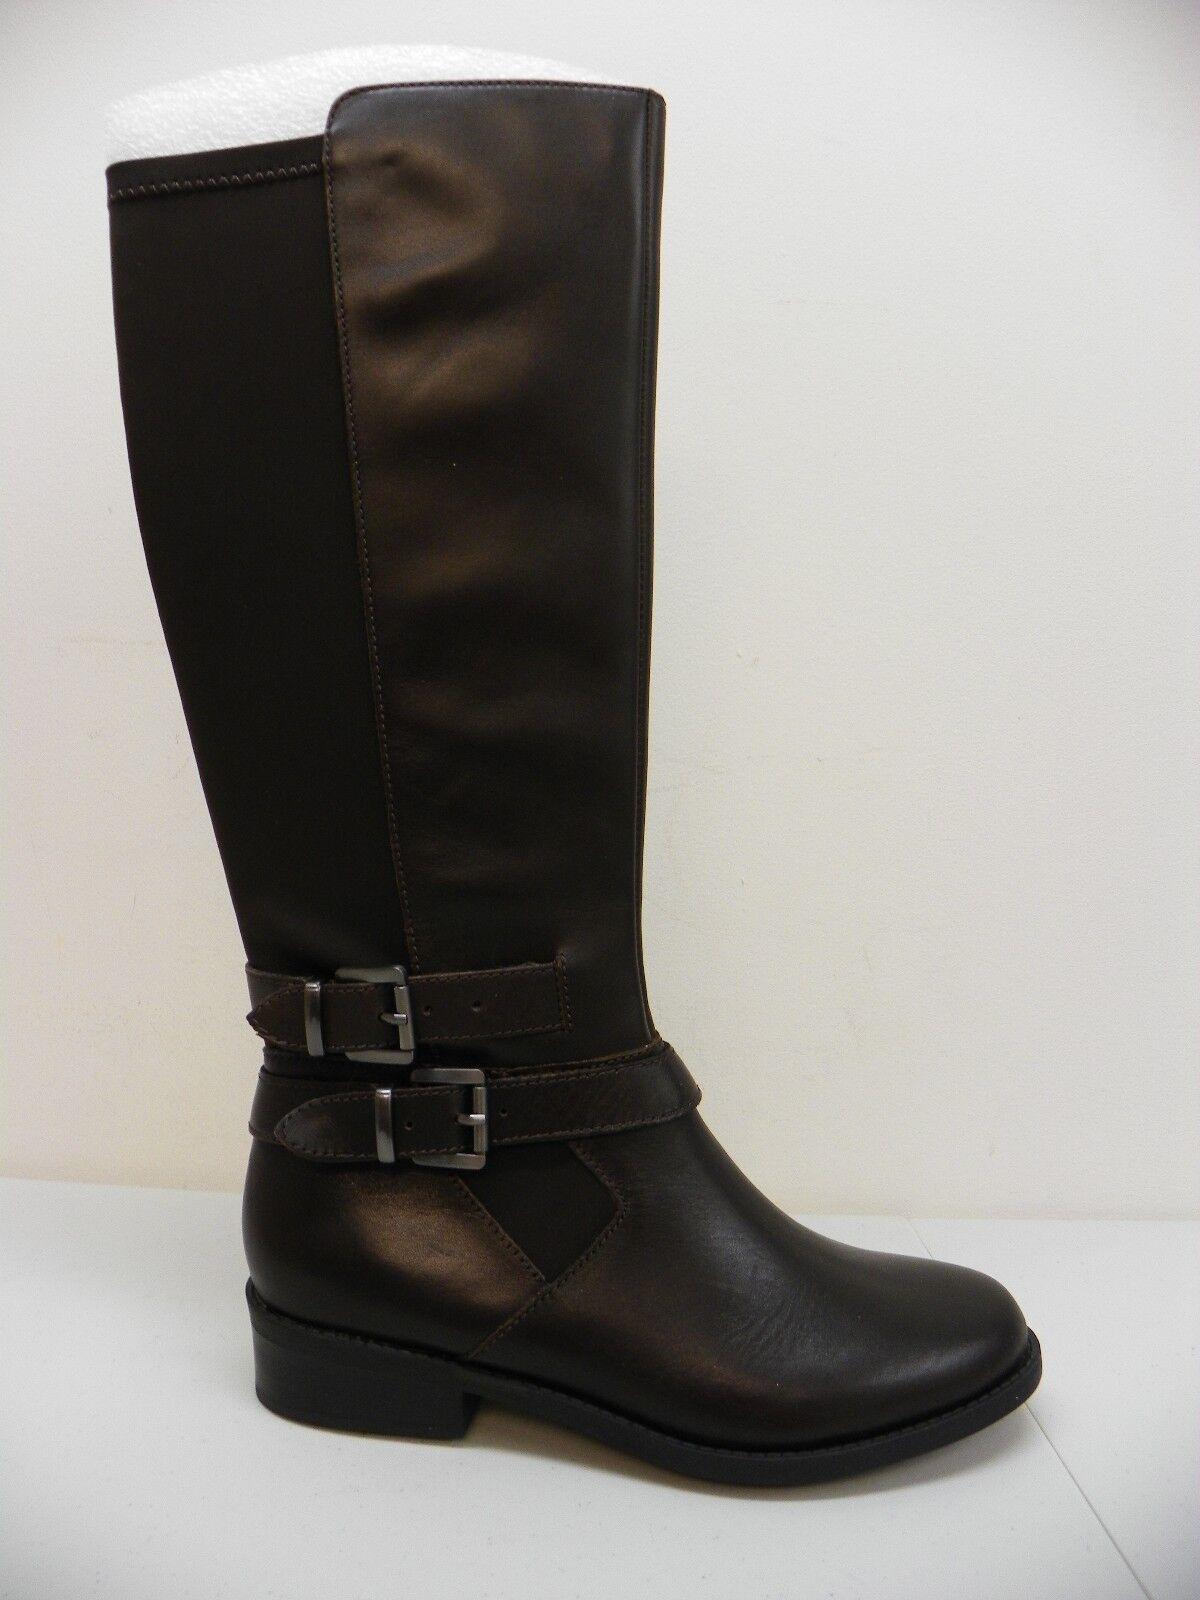 Me Too Mujer Zapato Denver 6 Alto Tacón Bajo botas De Montar Cuero Marrón Oscuro 8M